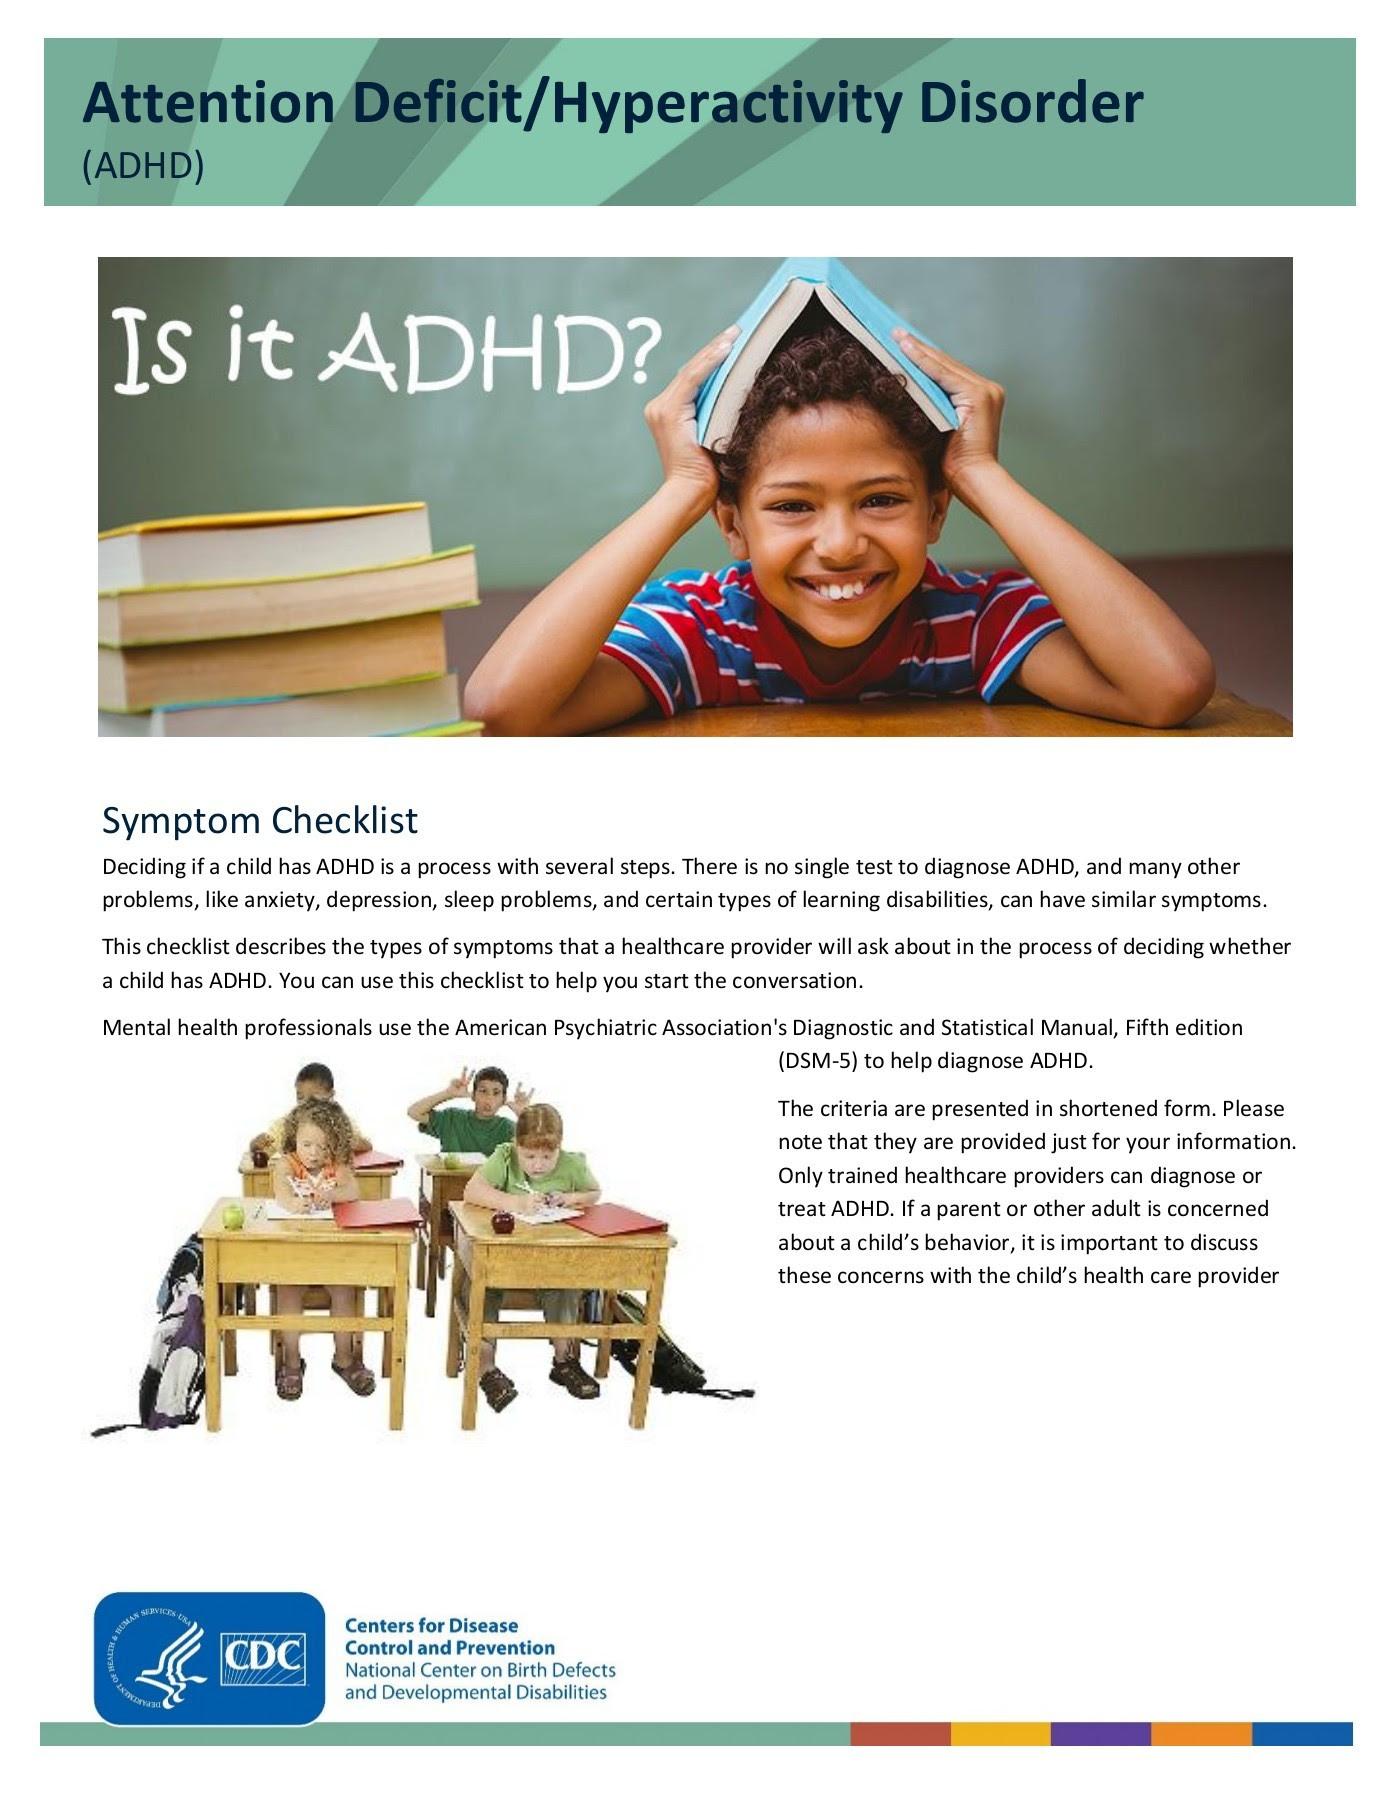 Adhd Symptoms Checklist For Children | Idea Of Life